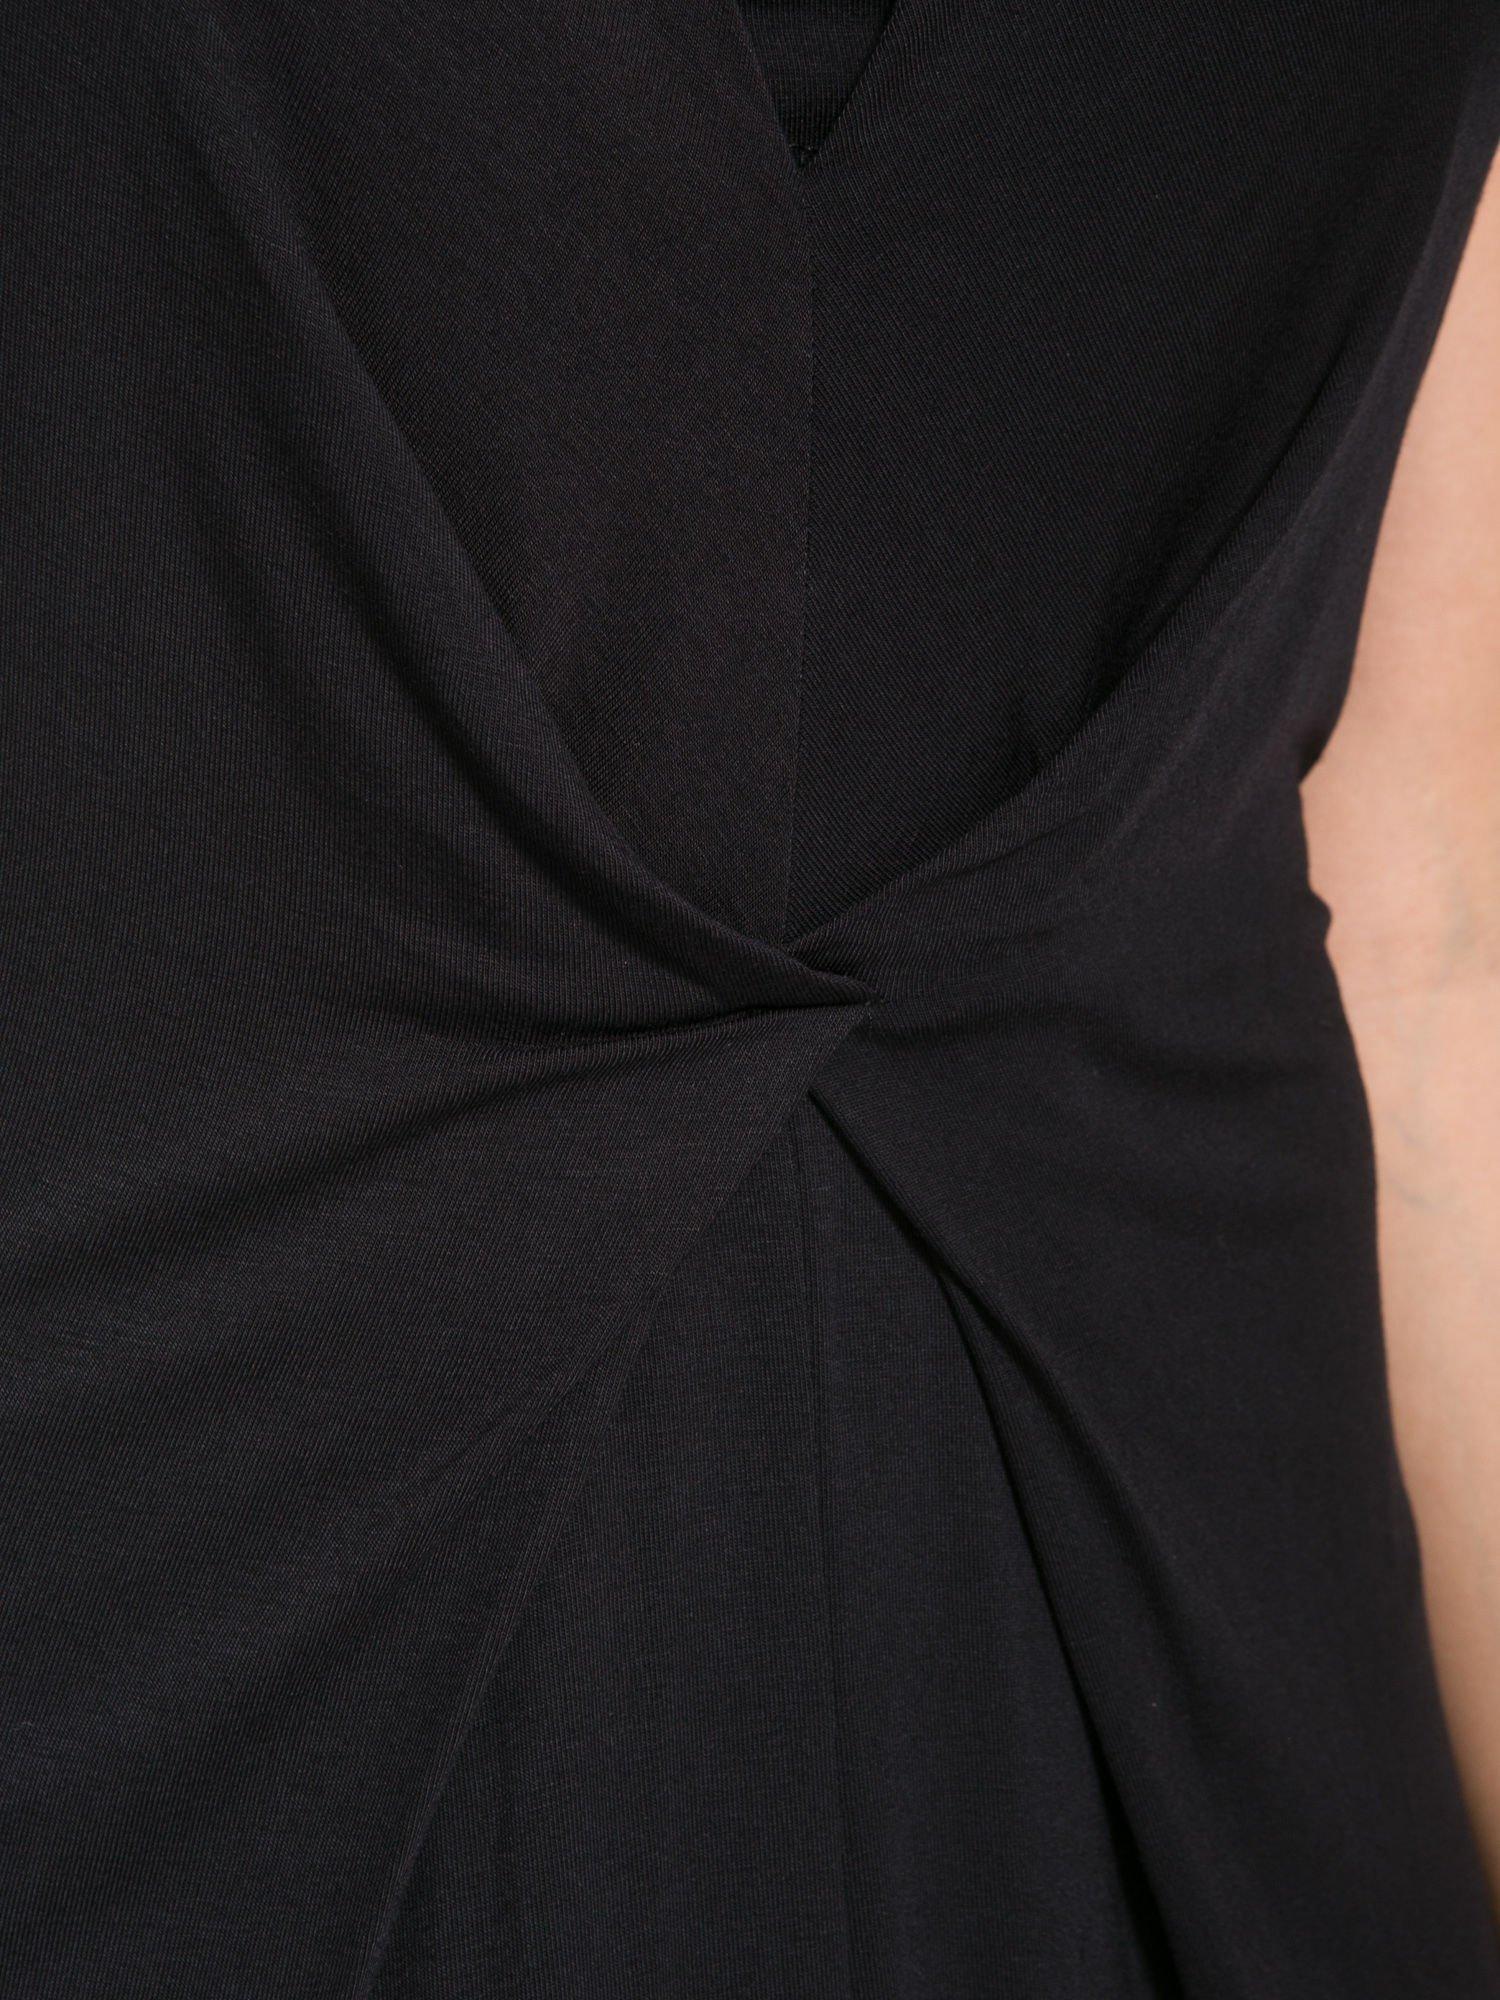 Czarna prosta sukienka z drapowaniem z przodu                                  zdj.                                  7